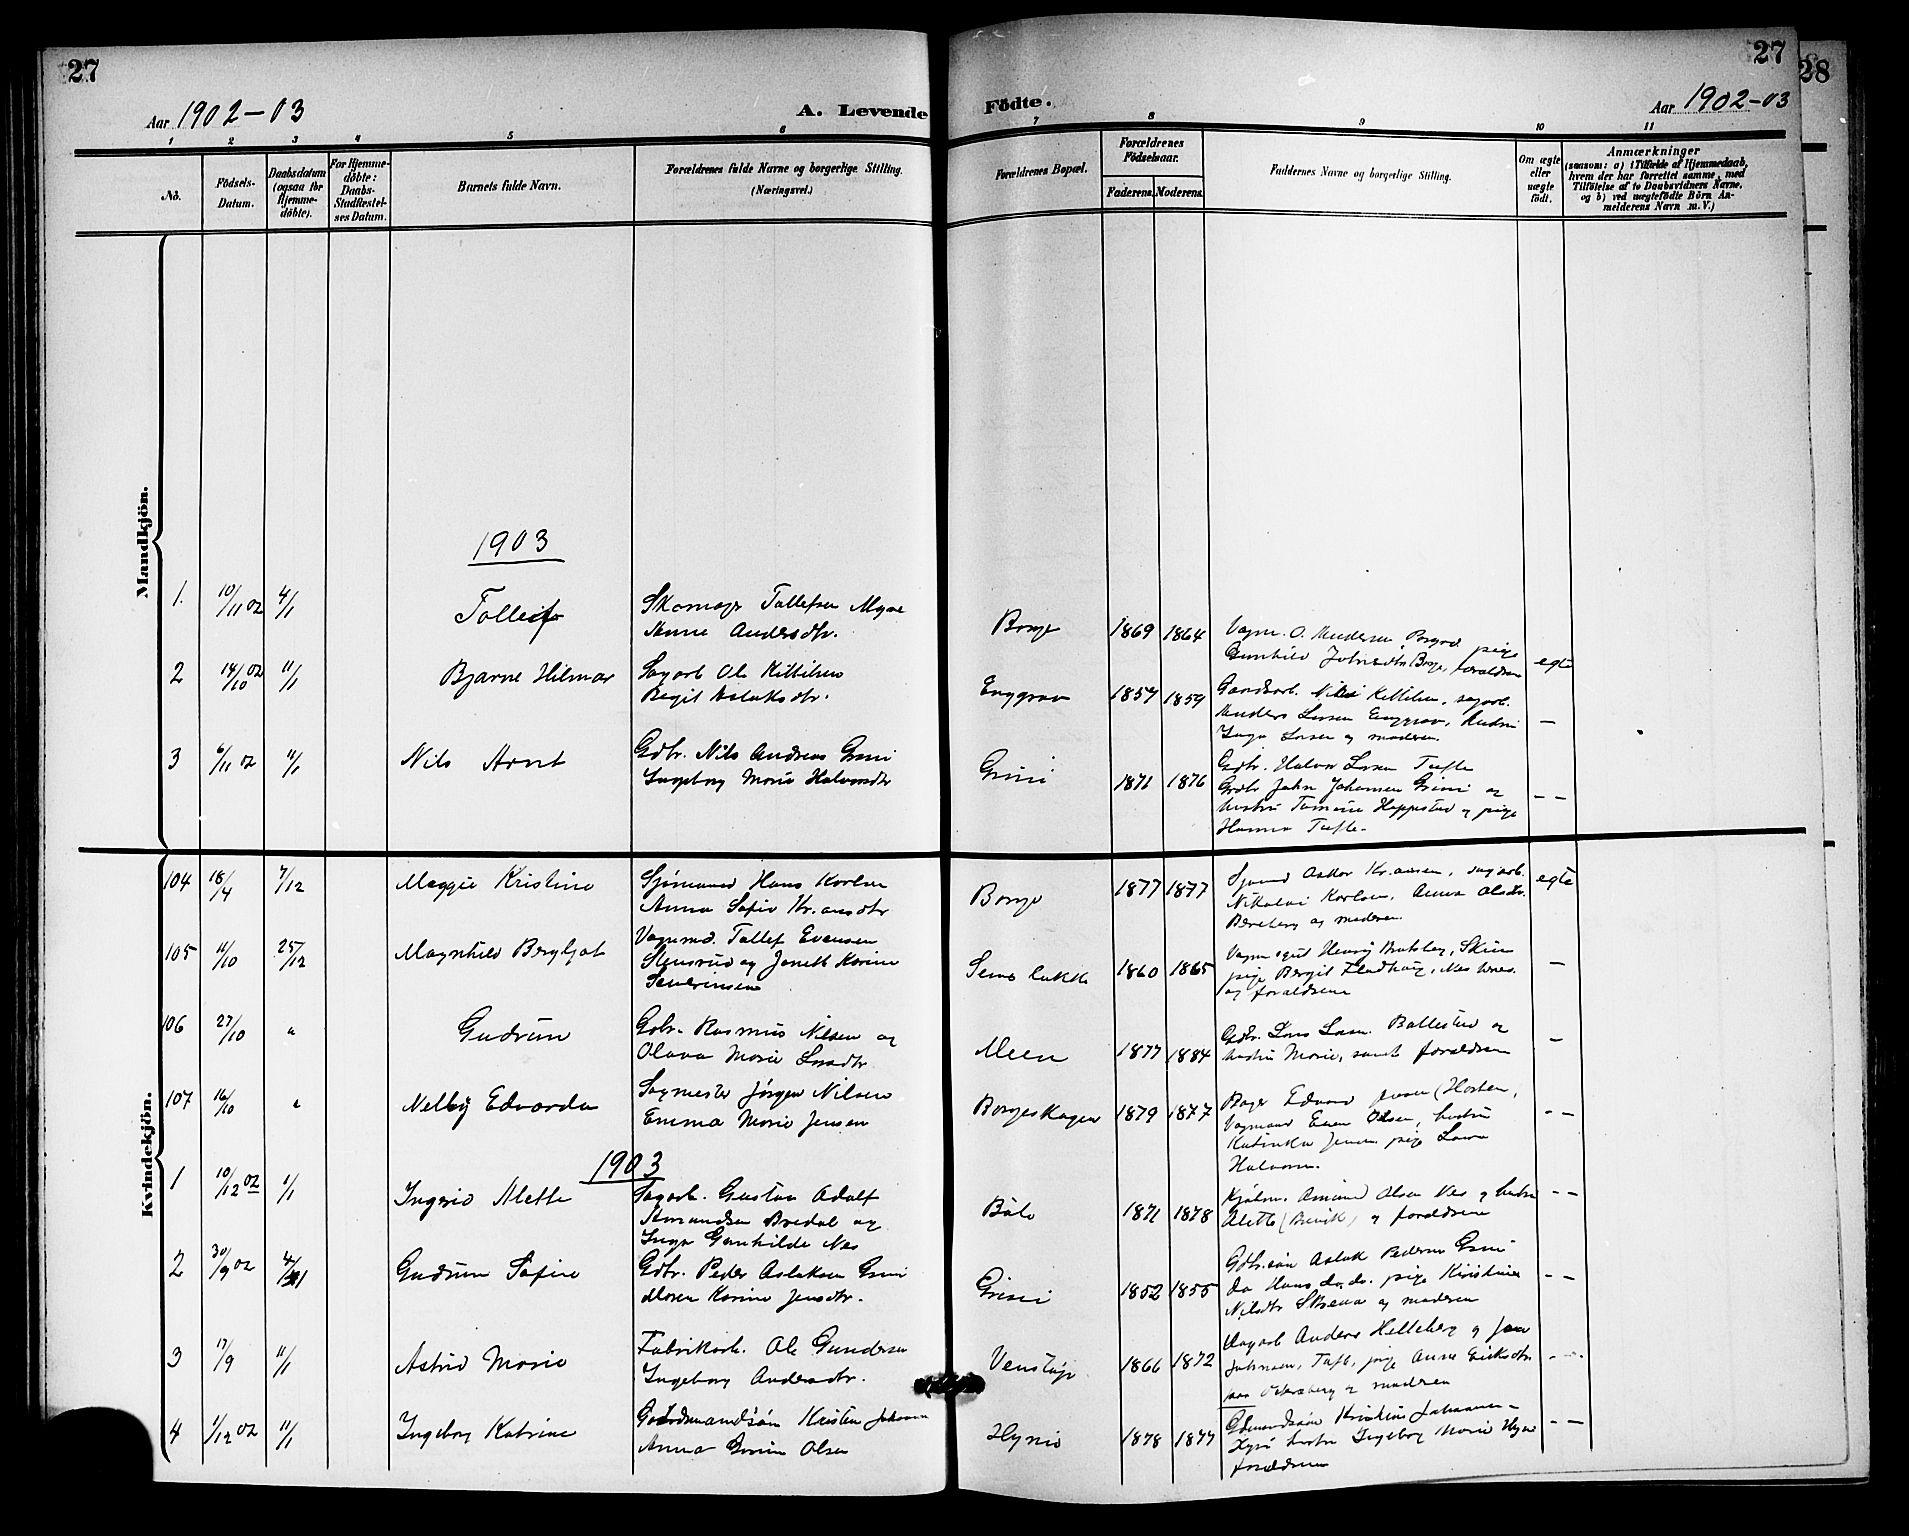 SAKO, Gjerpen kirkebøker, G/Ga/L0003: Klokkerbok nr. I 3, 1901-1919, s. 27